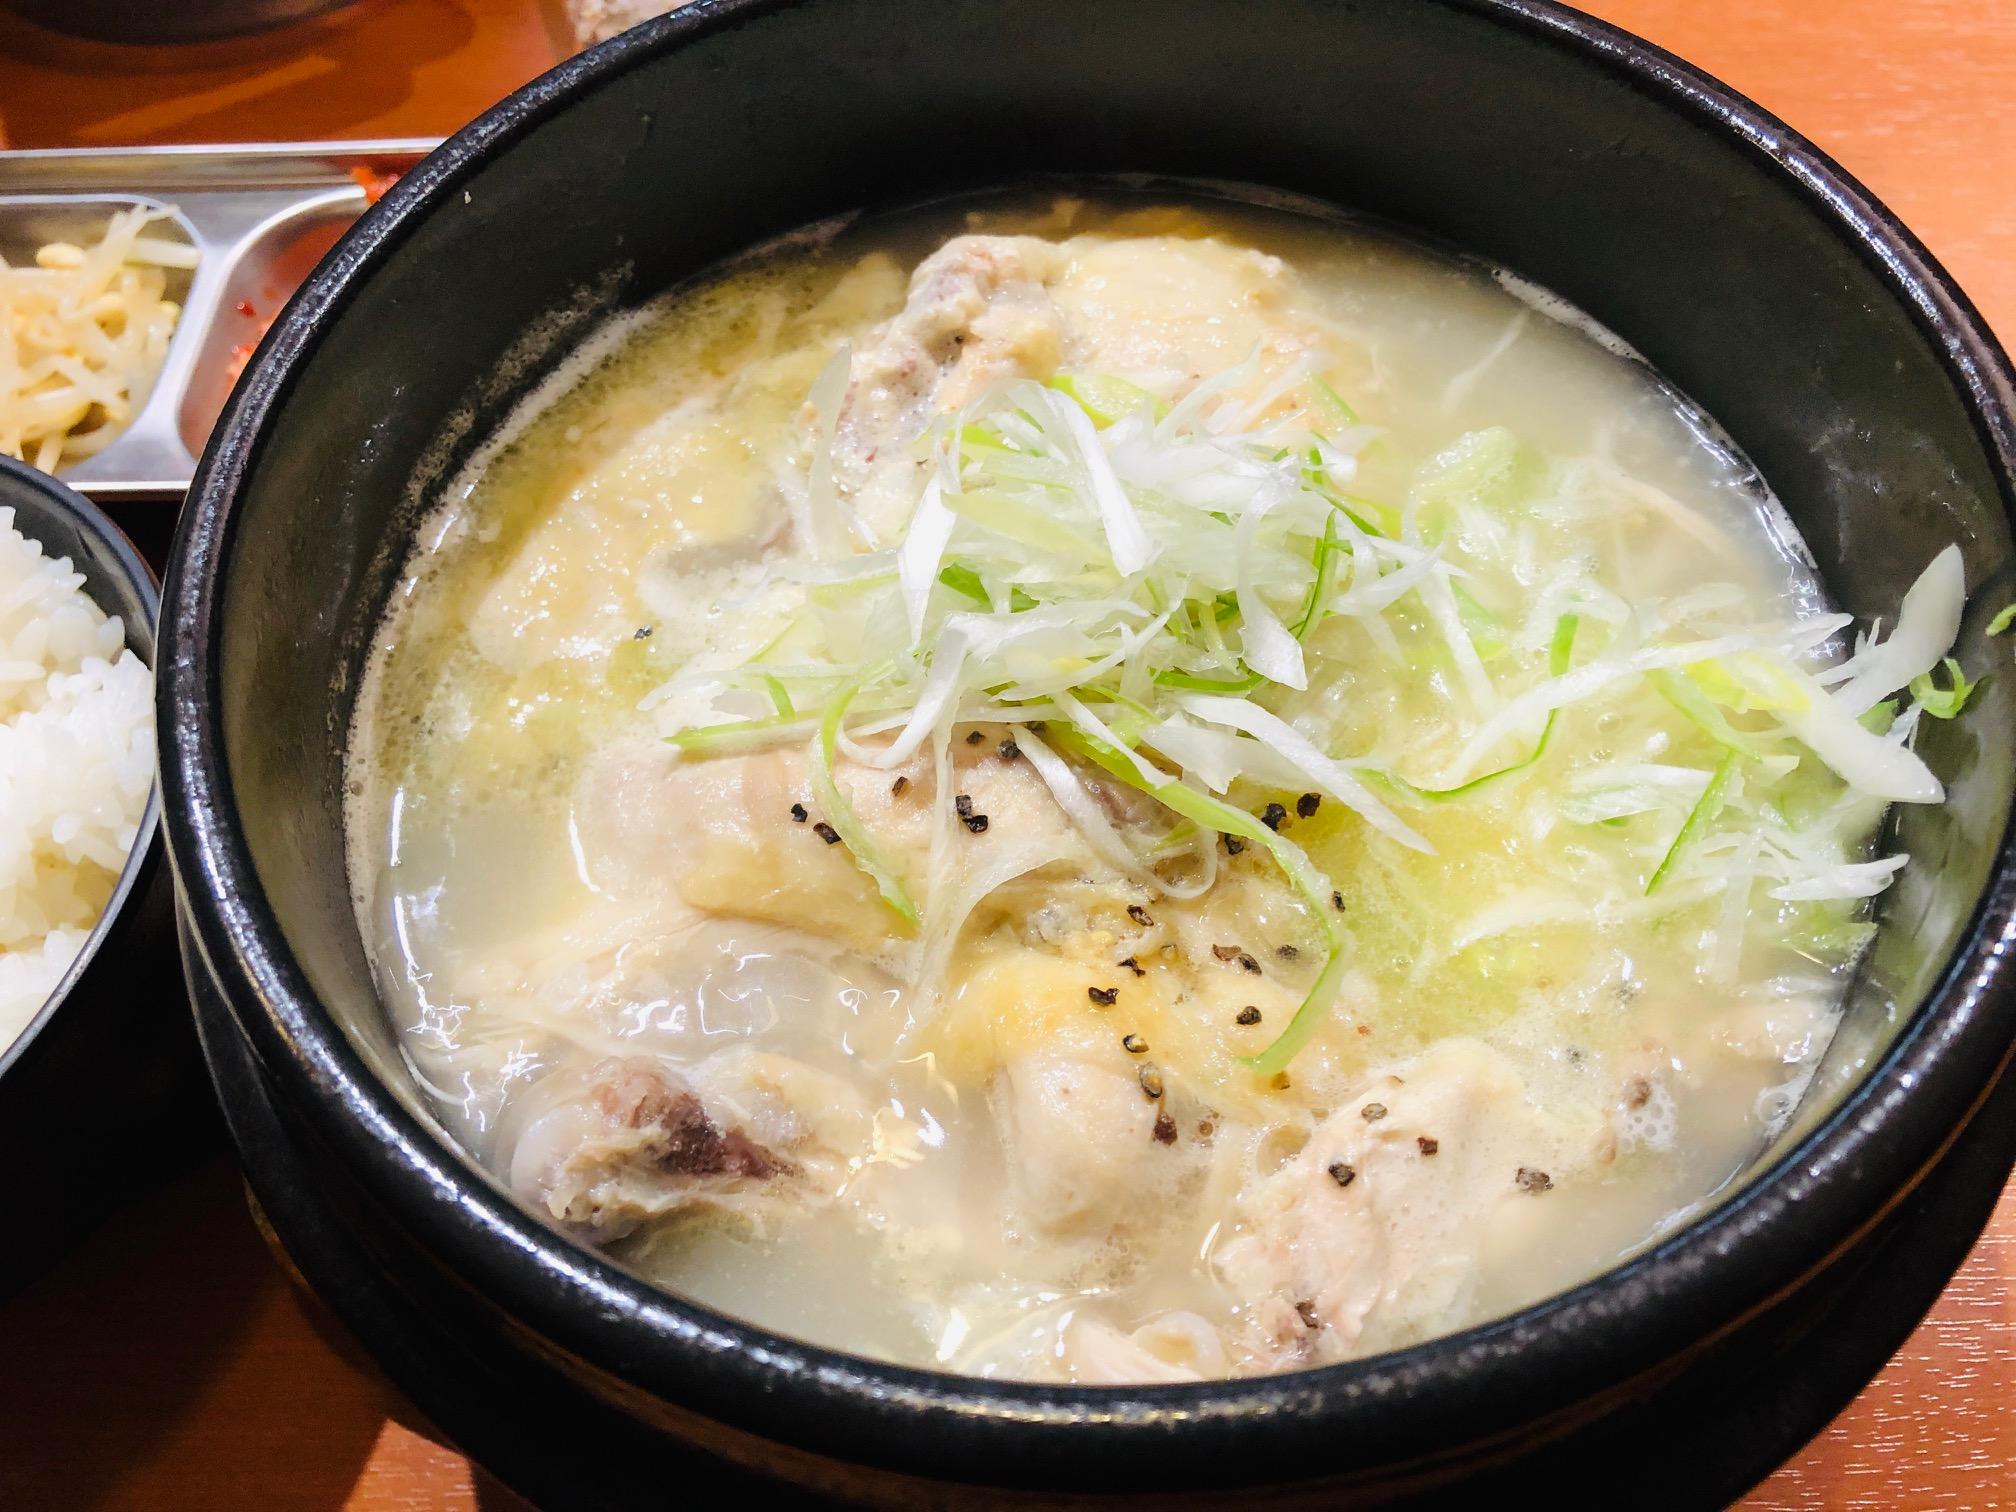 カロリー サムゲタン 韓食まとめ 韓国料理でカロリーが低い料理と高い料理!